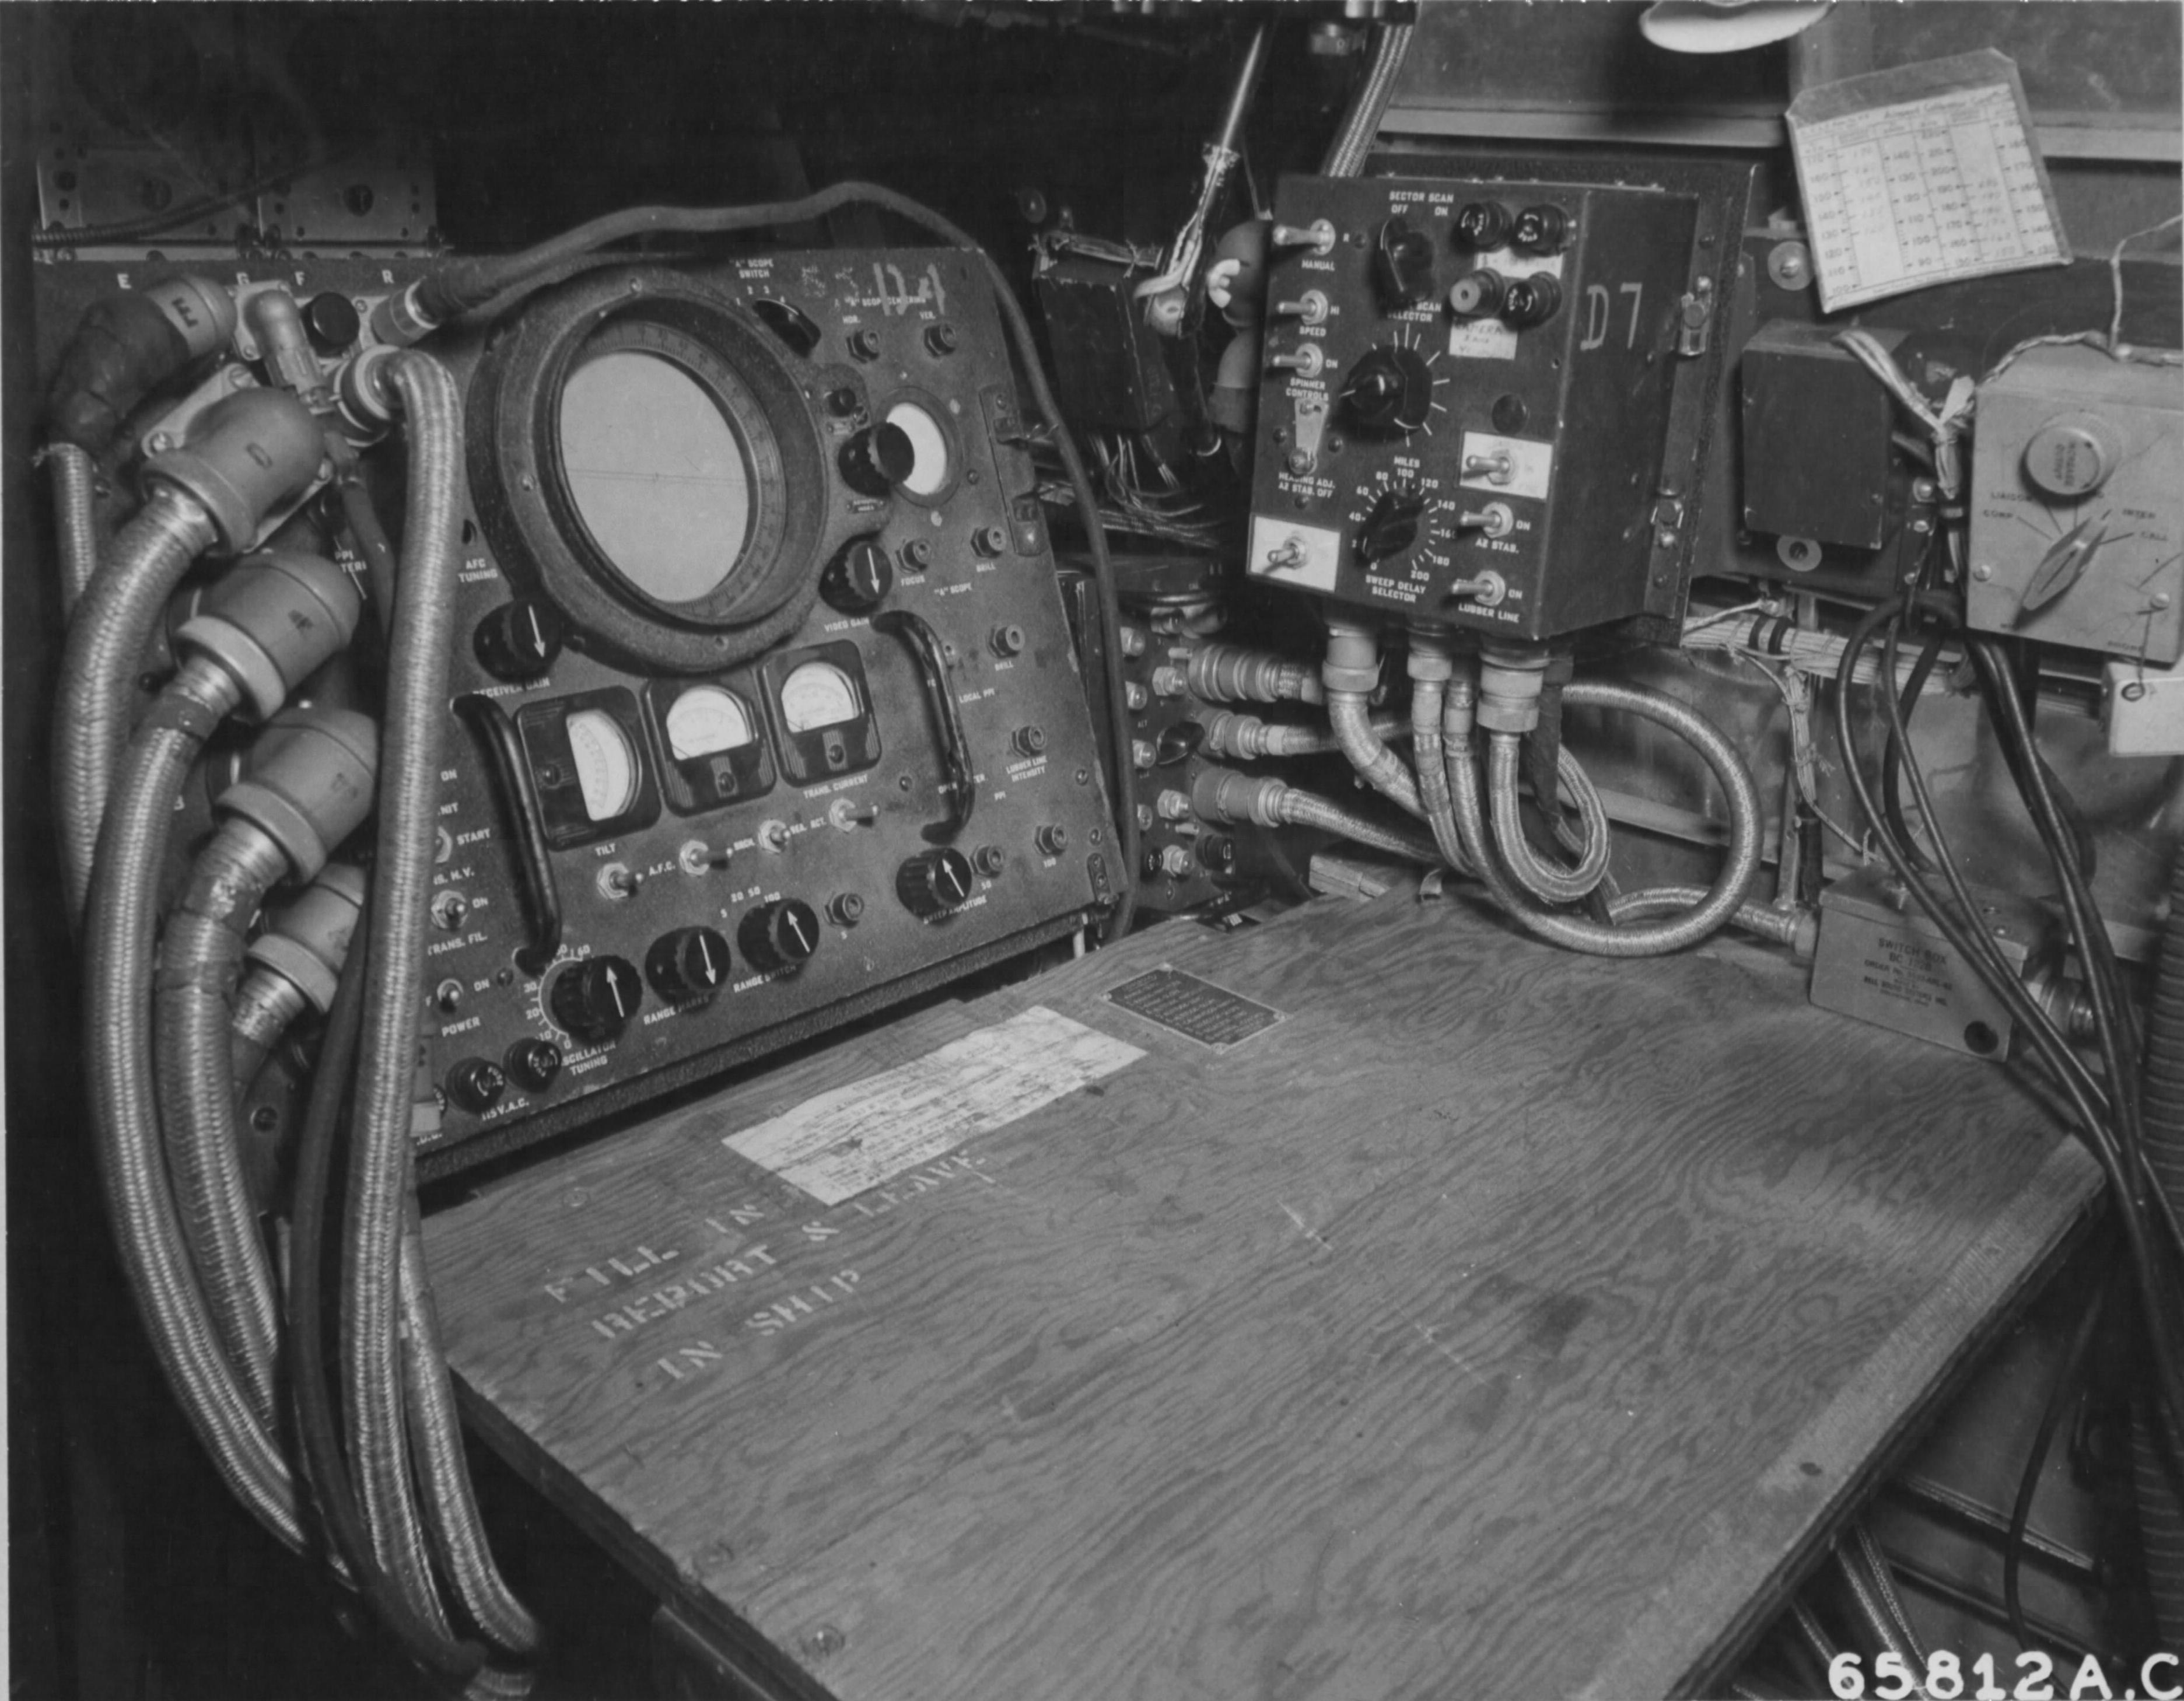 APS-15 Radar